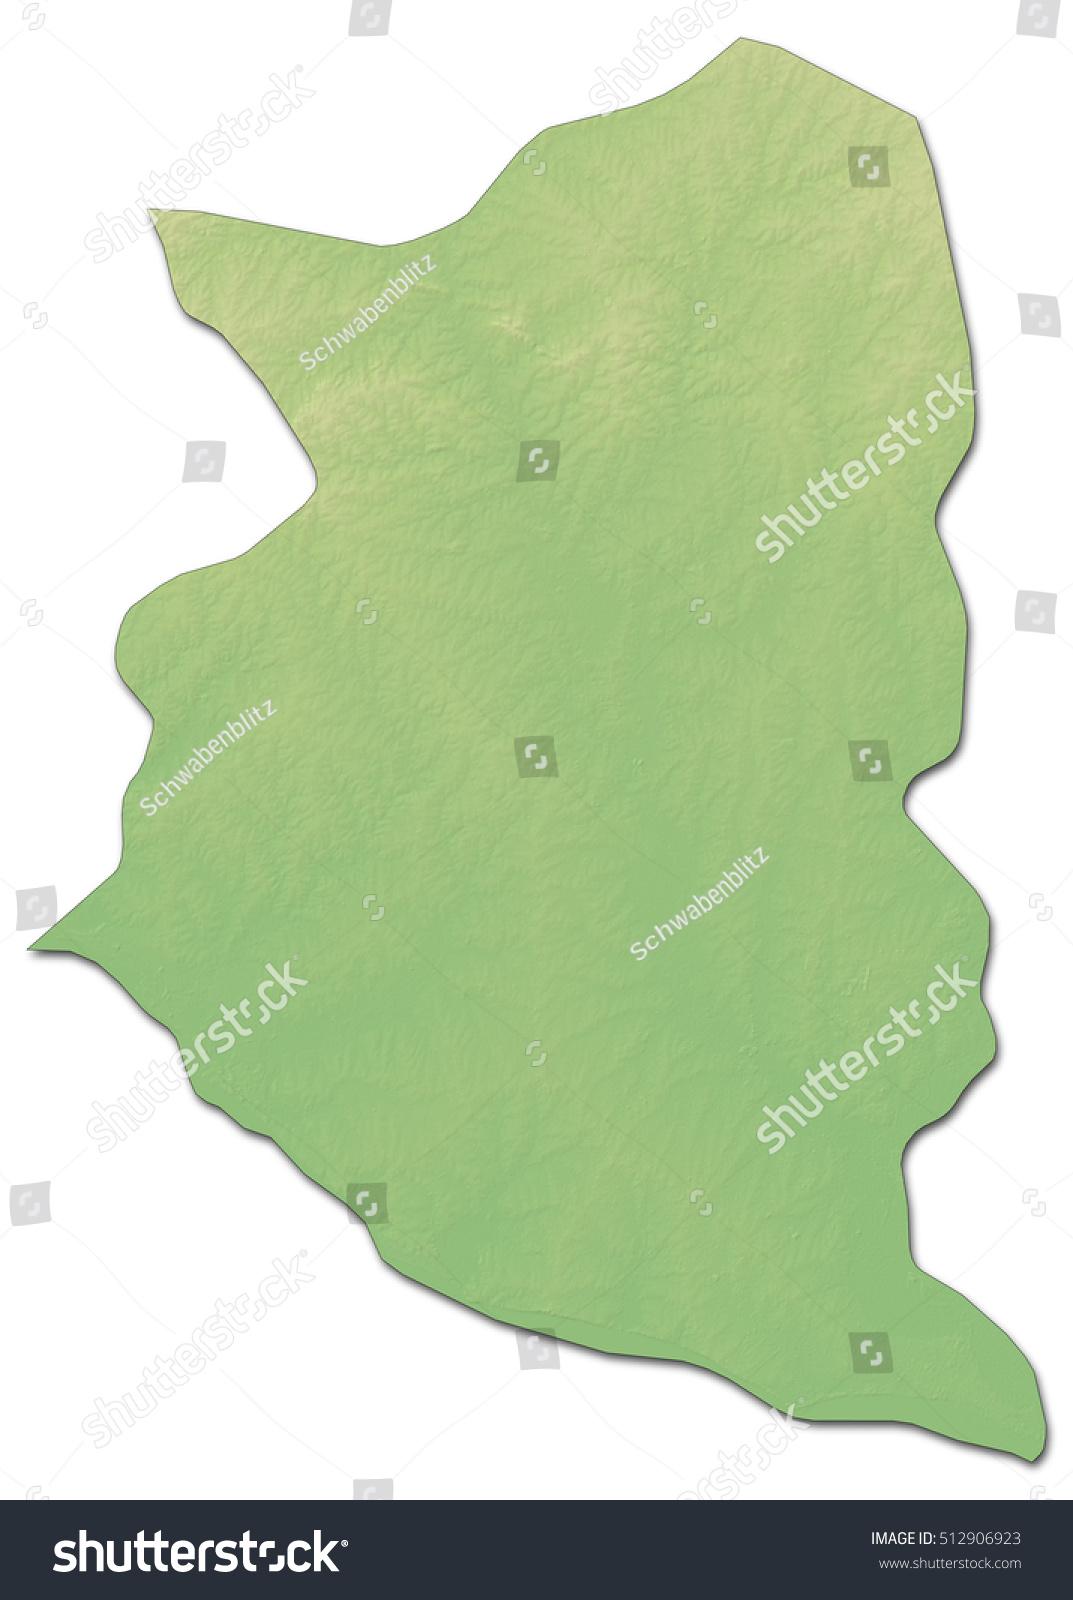 Relief Map San Jose Uruguay Drendering Stock Illustration - Uruguay relief map